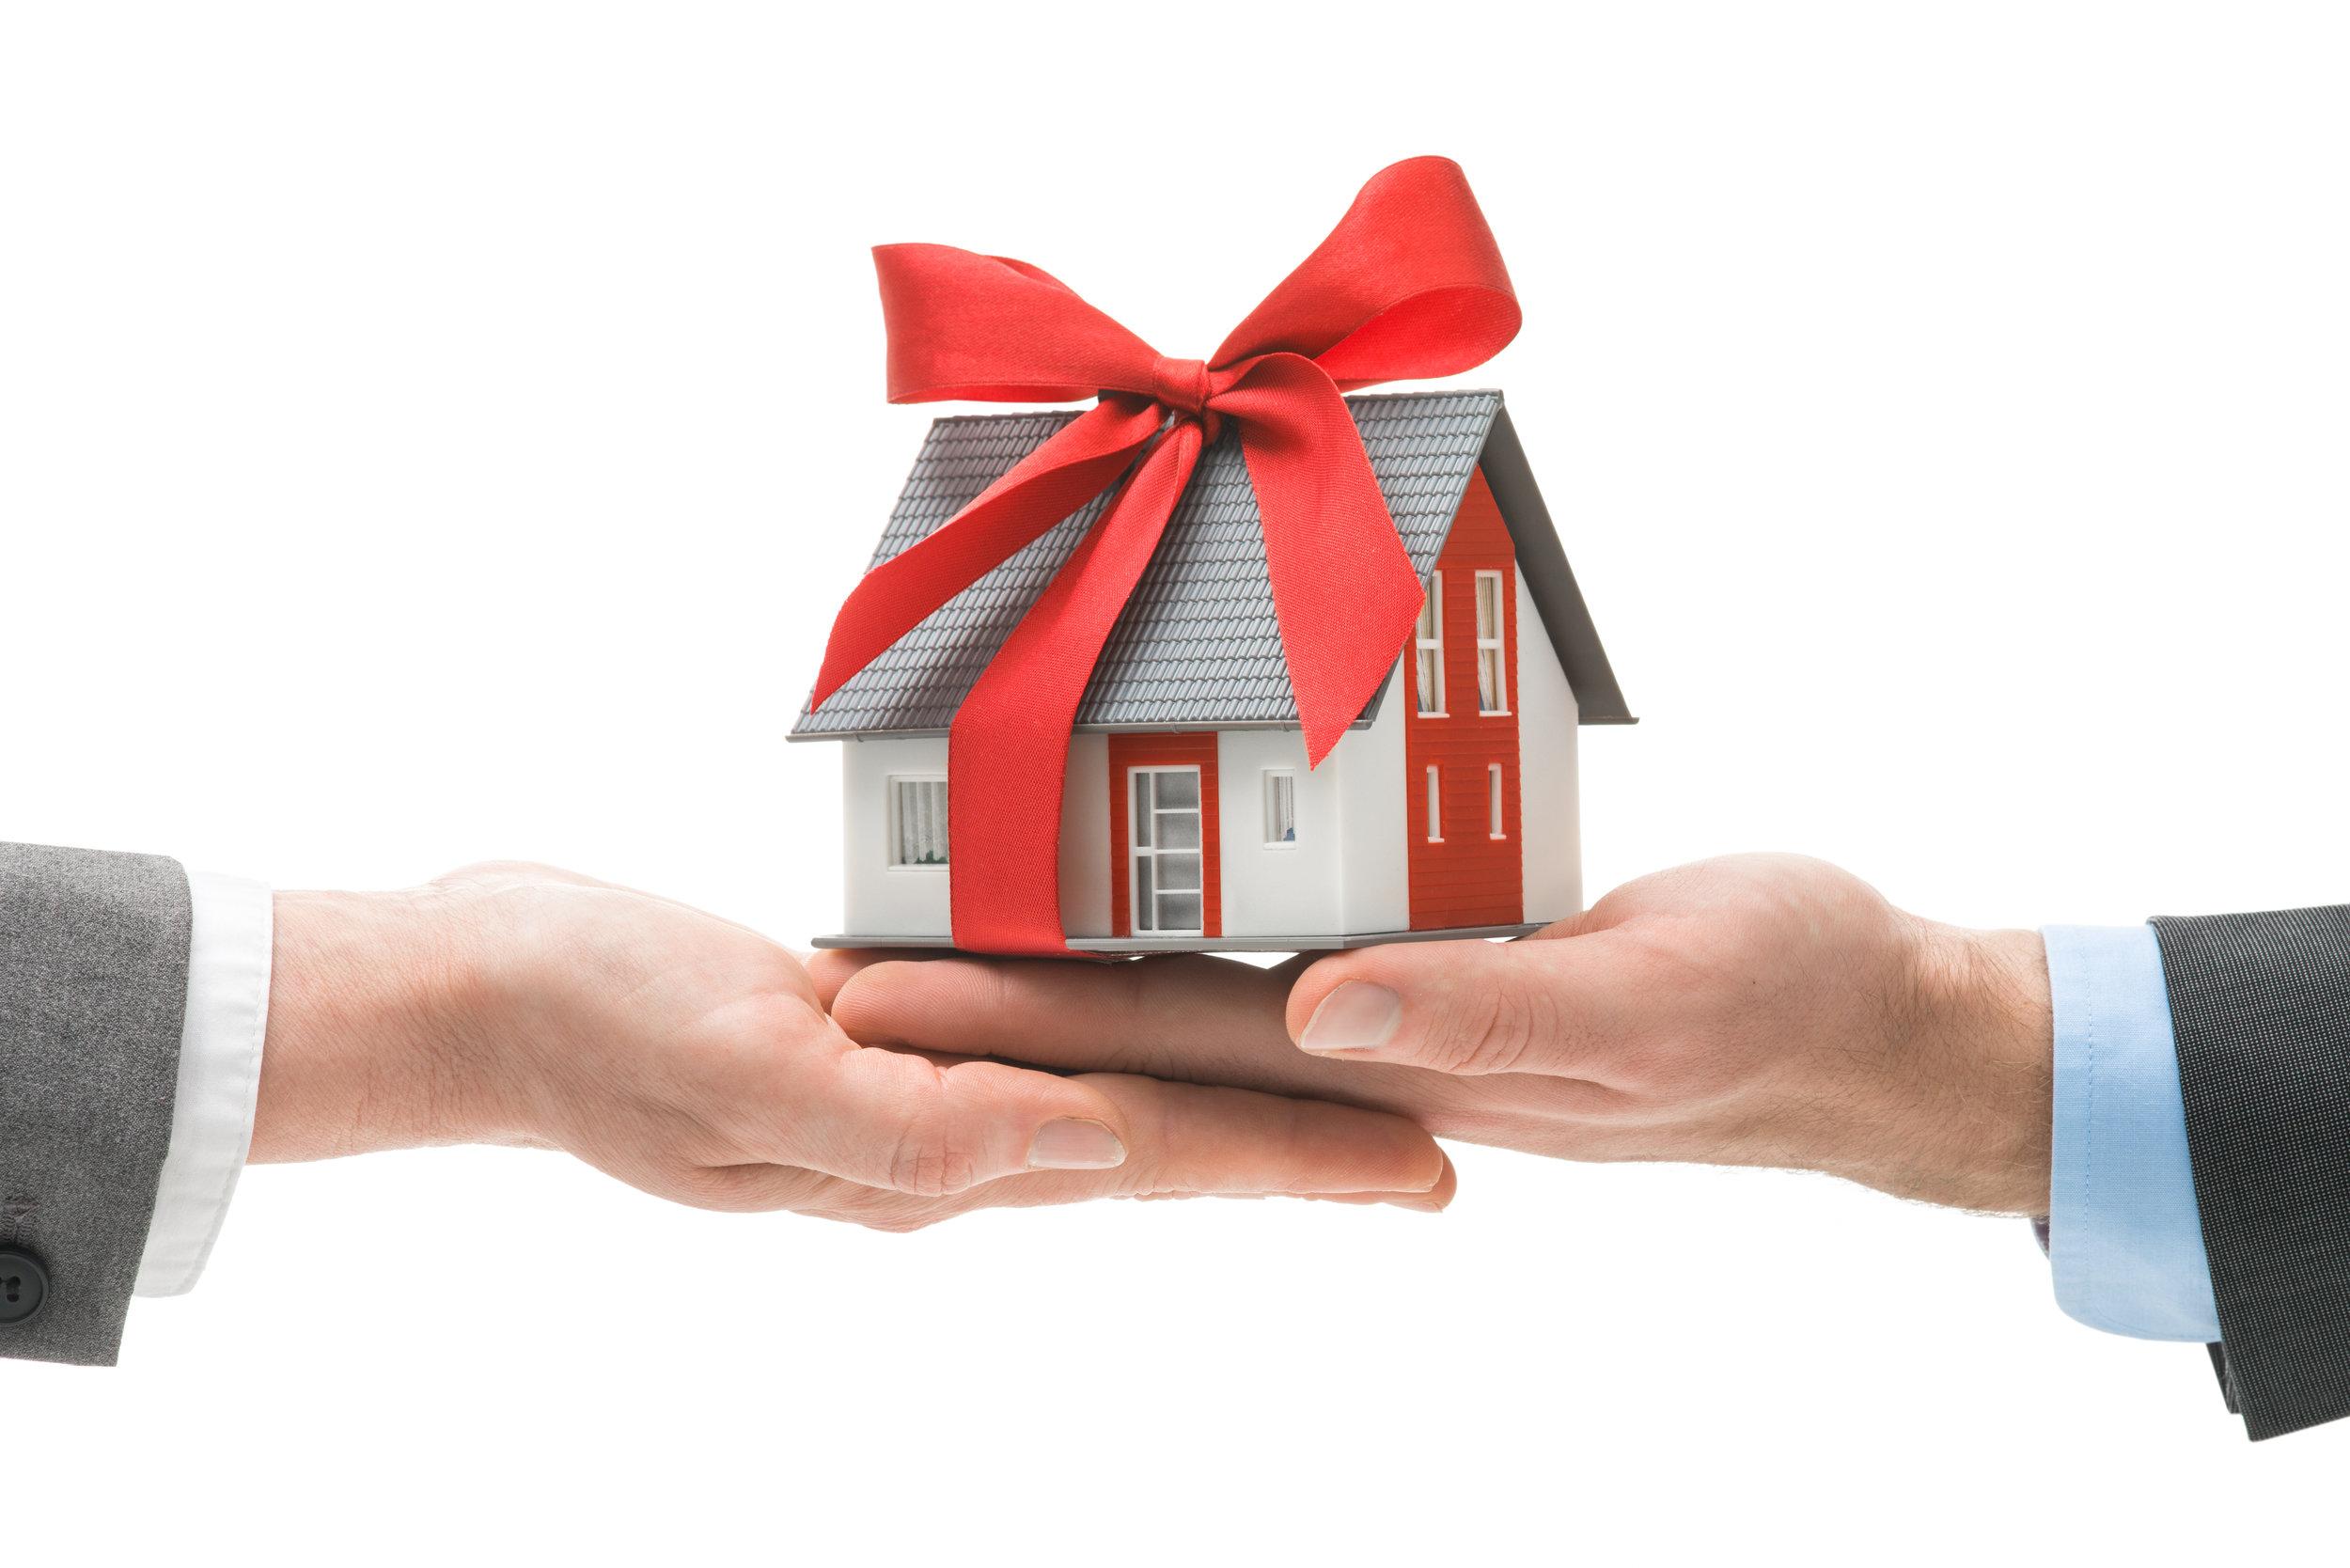 Совместная собственность - как выделить и распорядиться своей 19